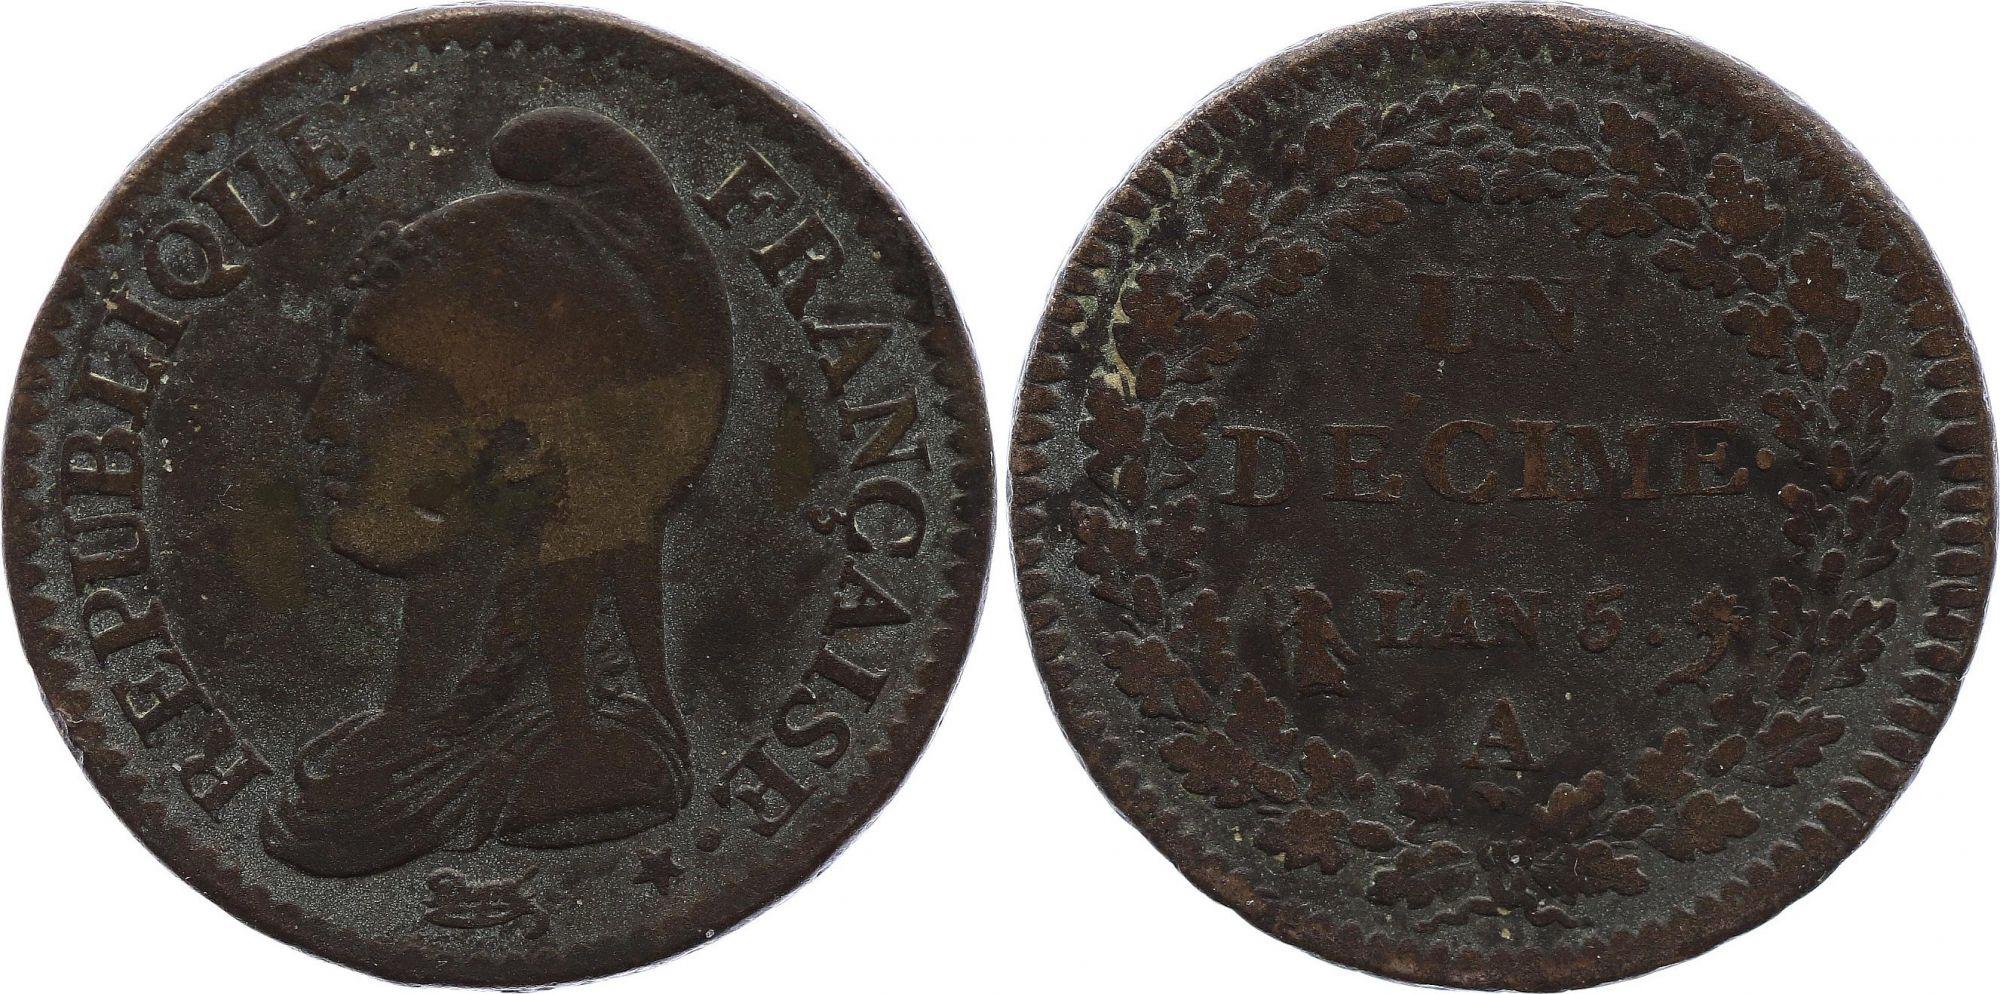 France 1 Décime Dupré - Directoire An 5 A Paris (1797)